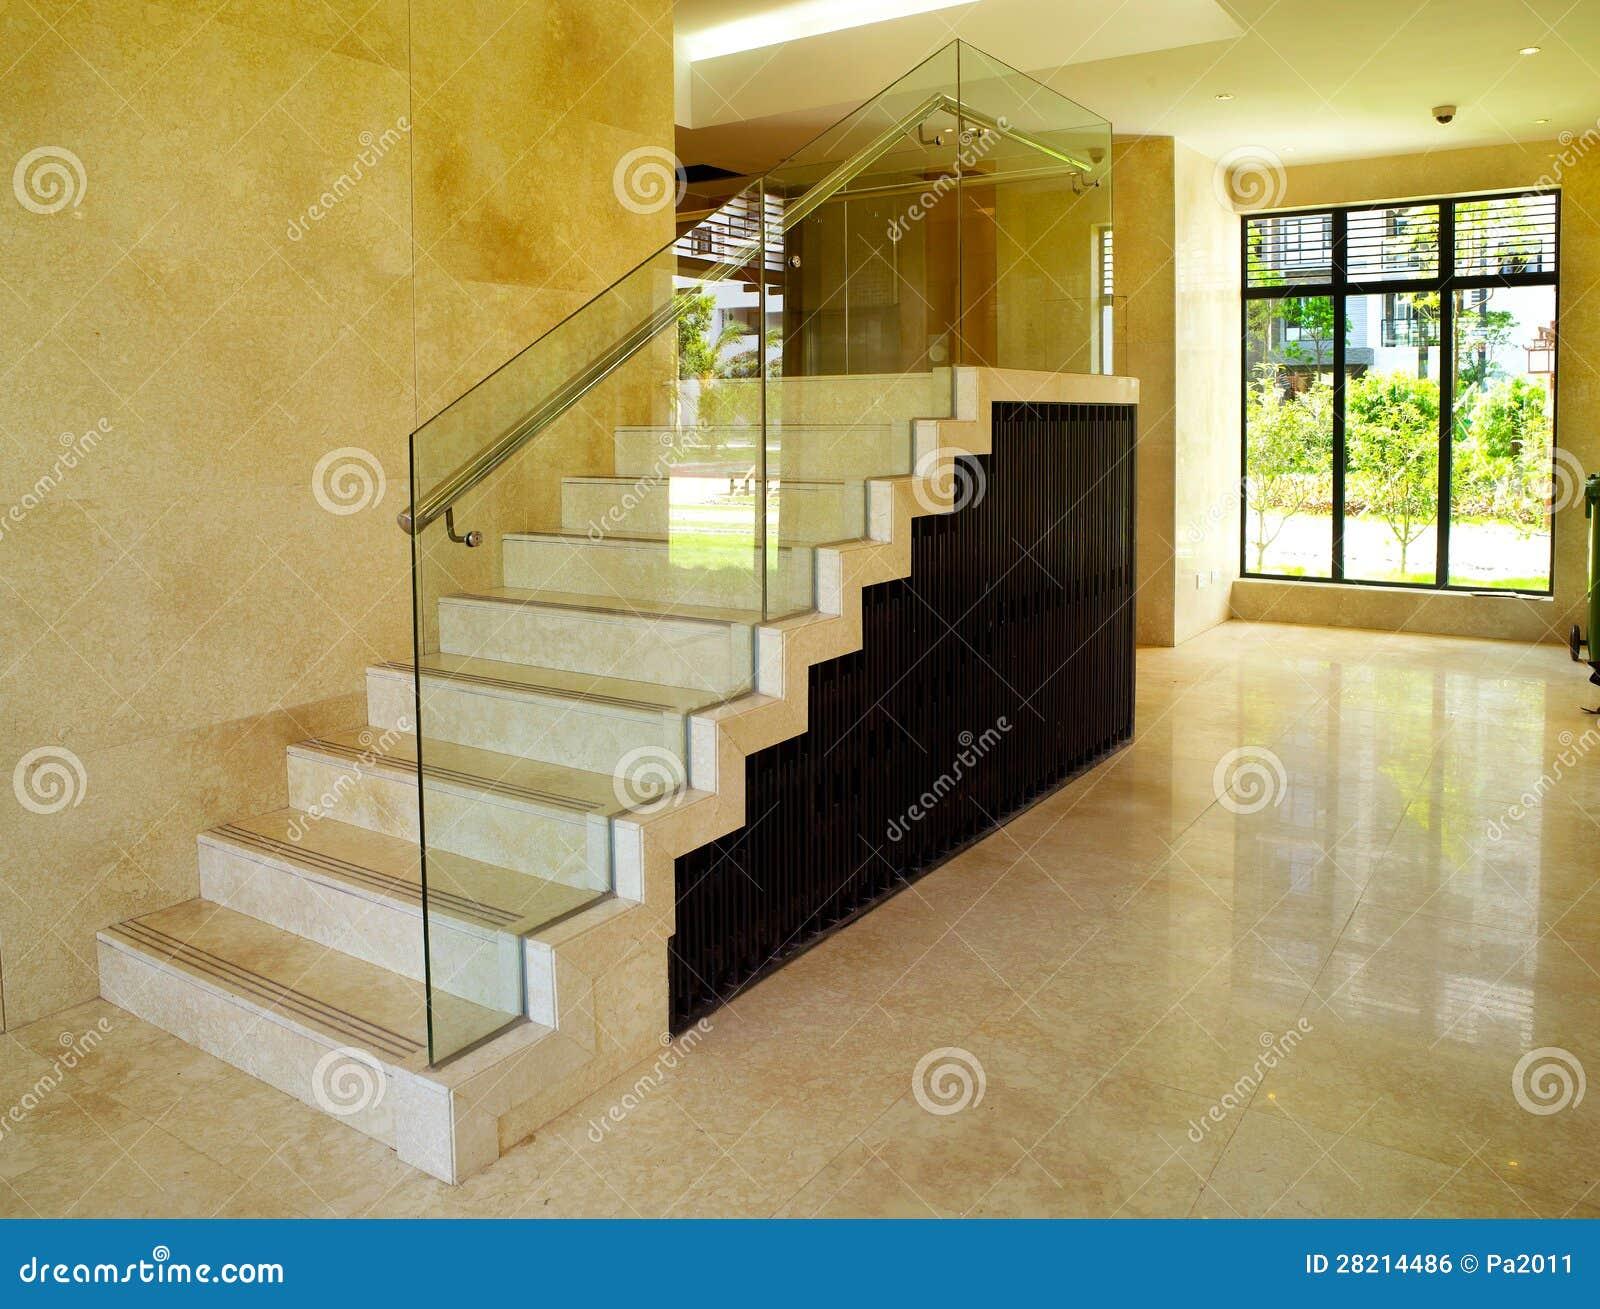 Moderne innenarchitektur treppenhaus stockfoto bild for Moderne innenarchitektur